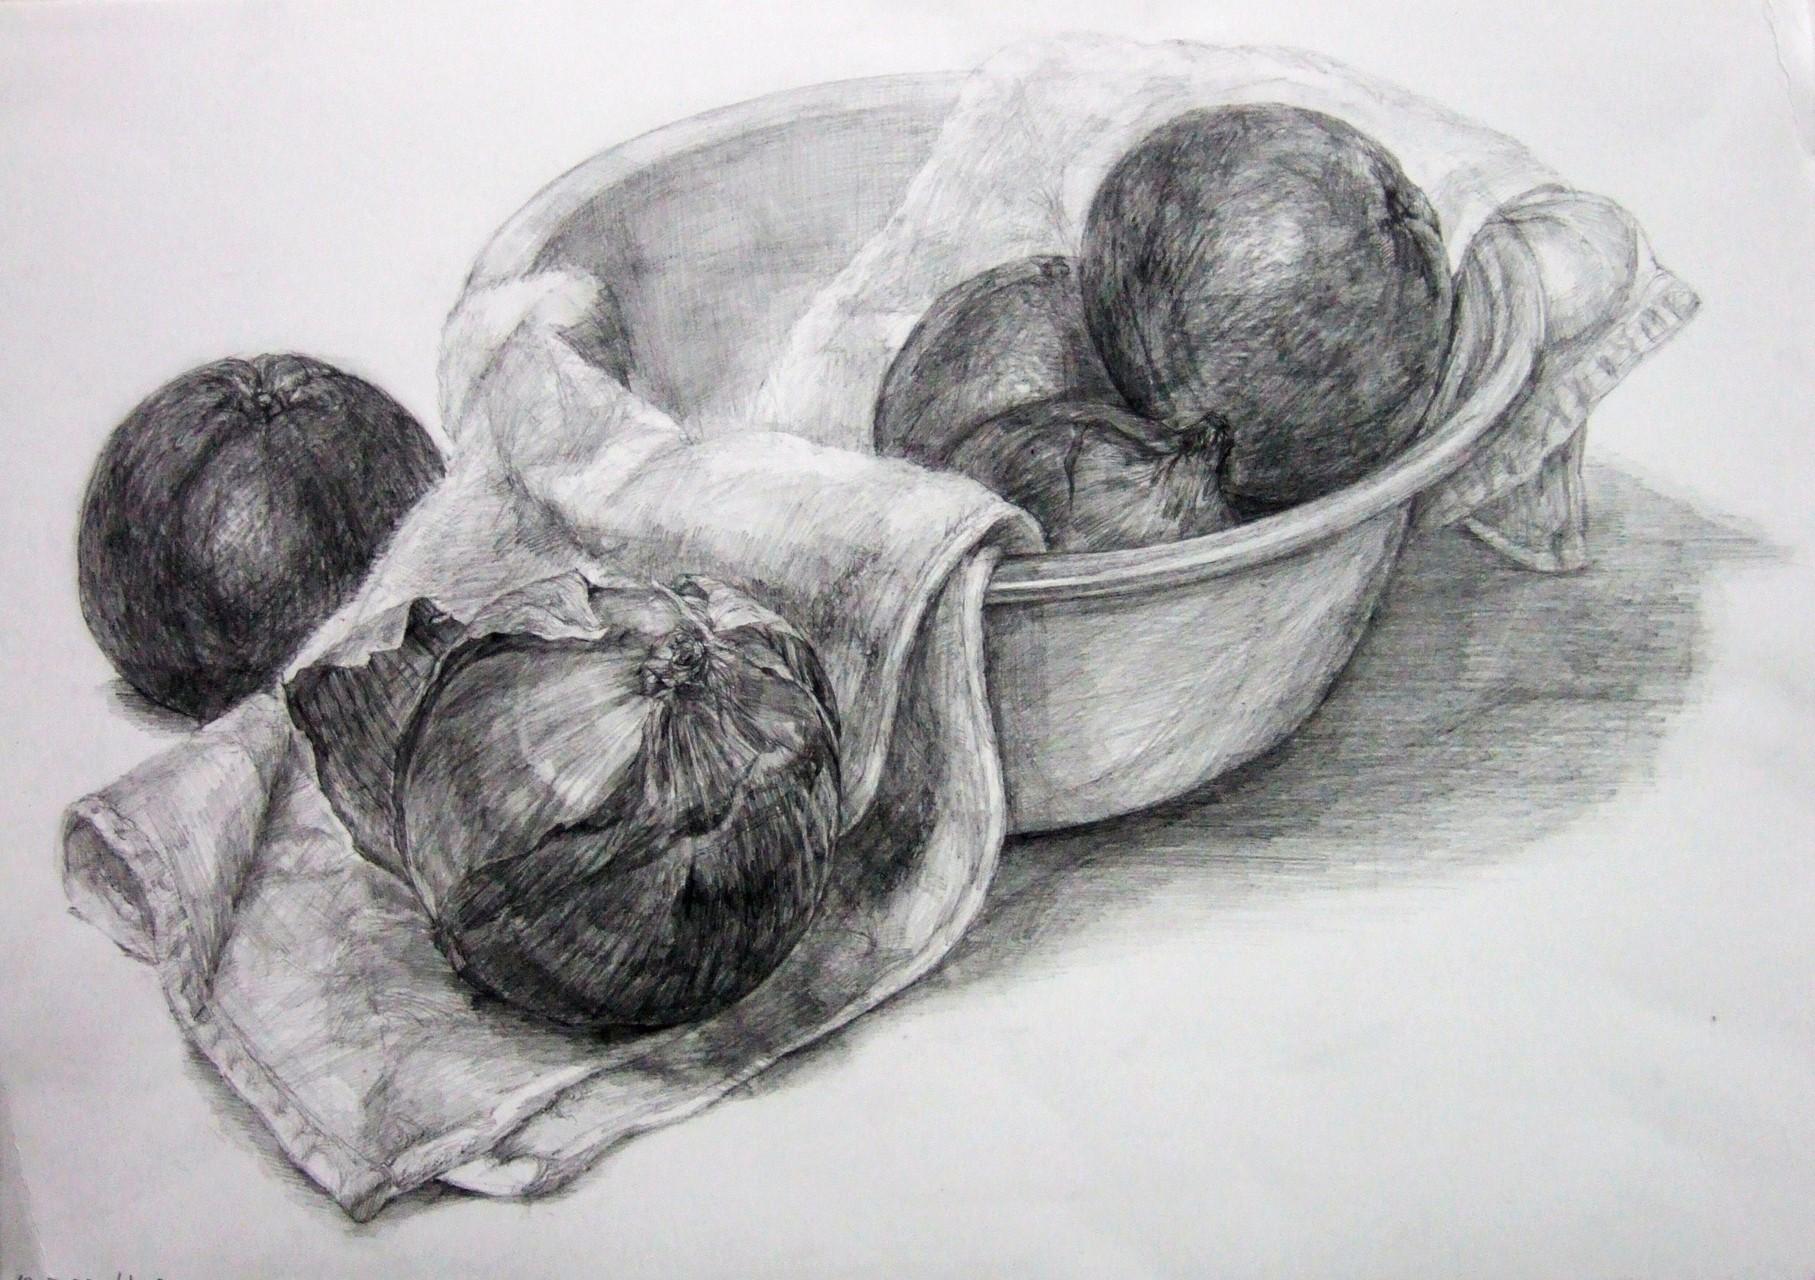 生徒作品60 鉛筆デッサン<卓上静物> 4ツ切り判 B187画用紙 【日本画系】